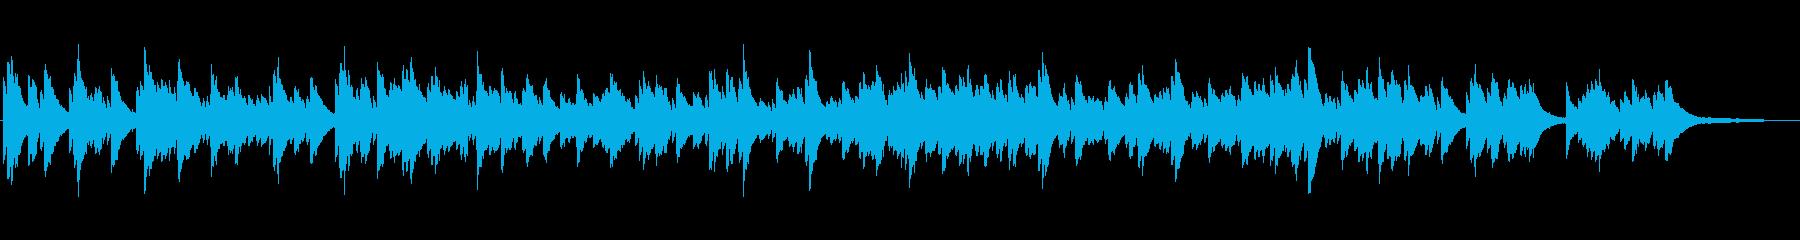 推理ADV風 仄暗く緊張感のあるピアノ曲の再生済みの波形